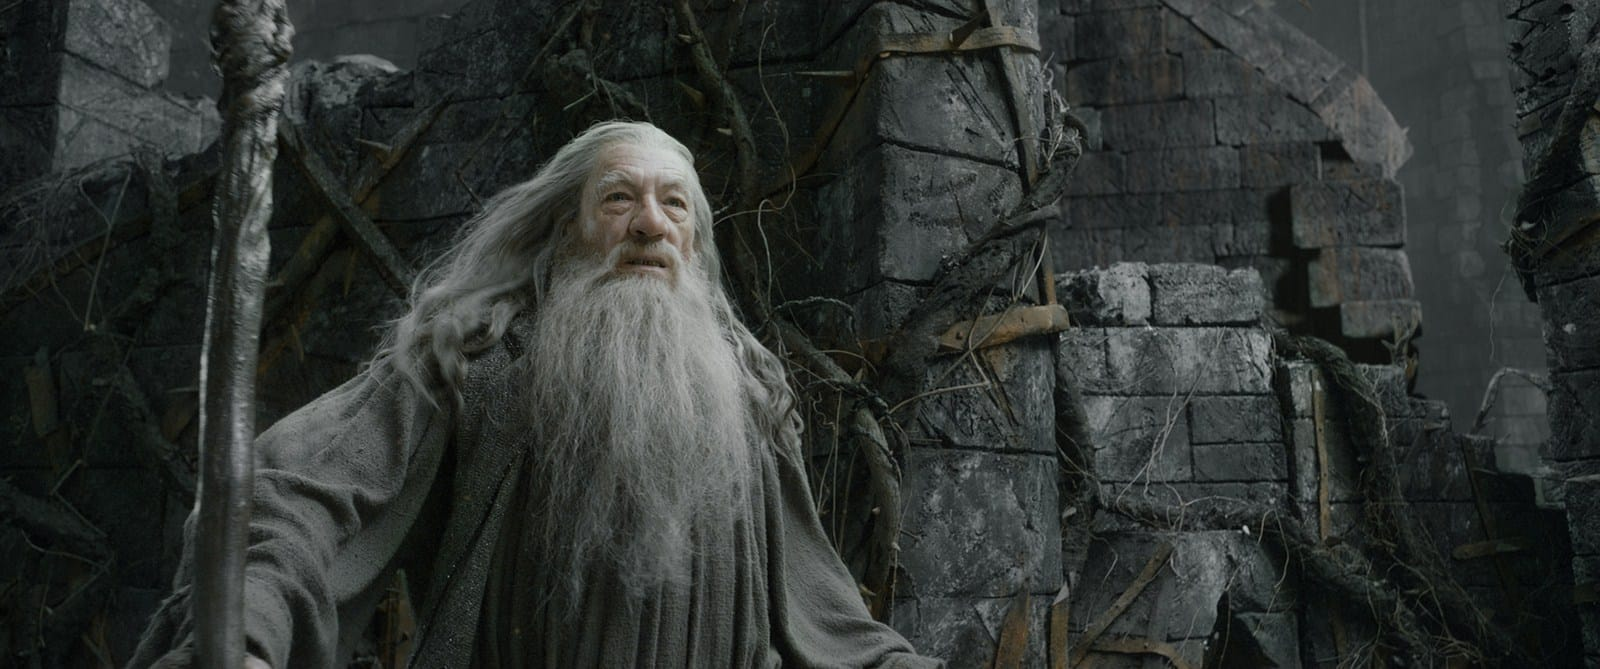 Le Hobbit : La Désolation de Smaug de Peter Jackson image film cinéma